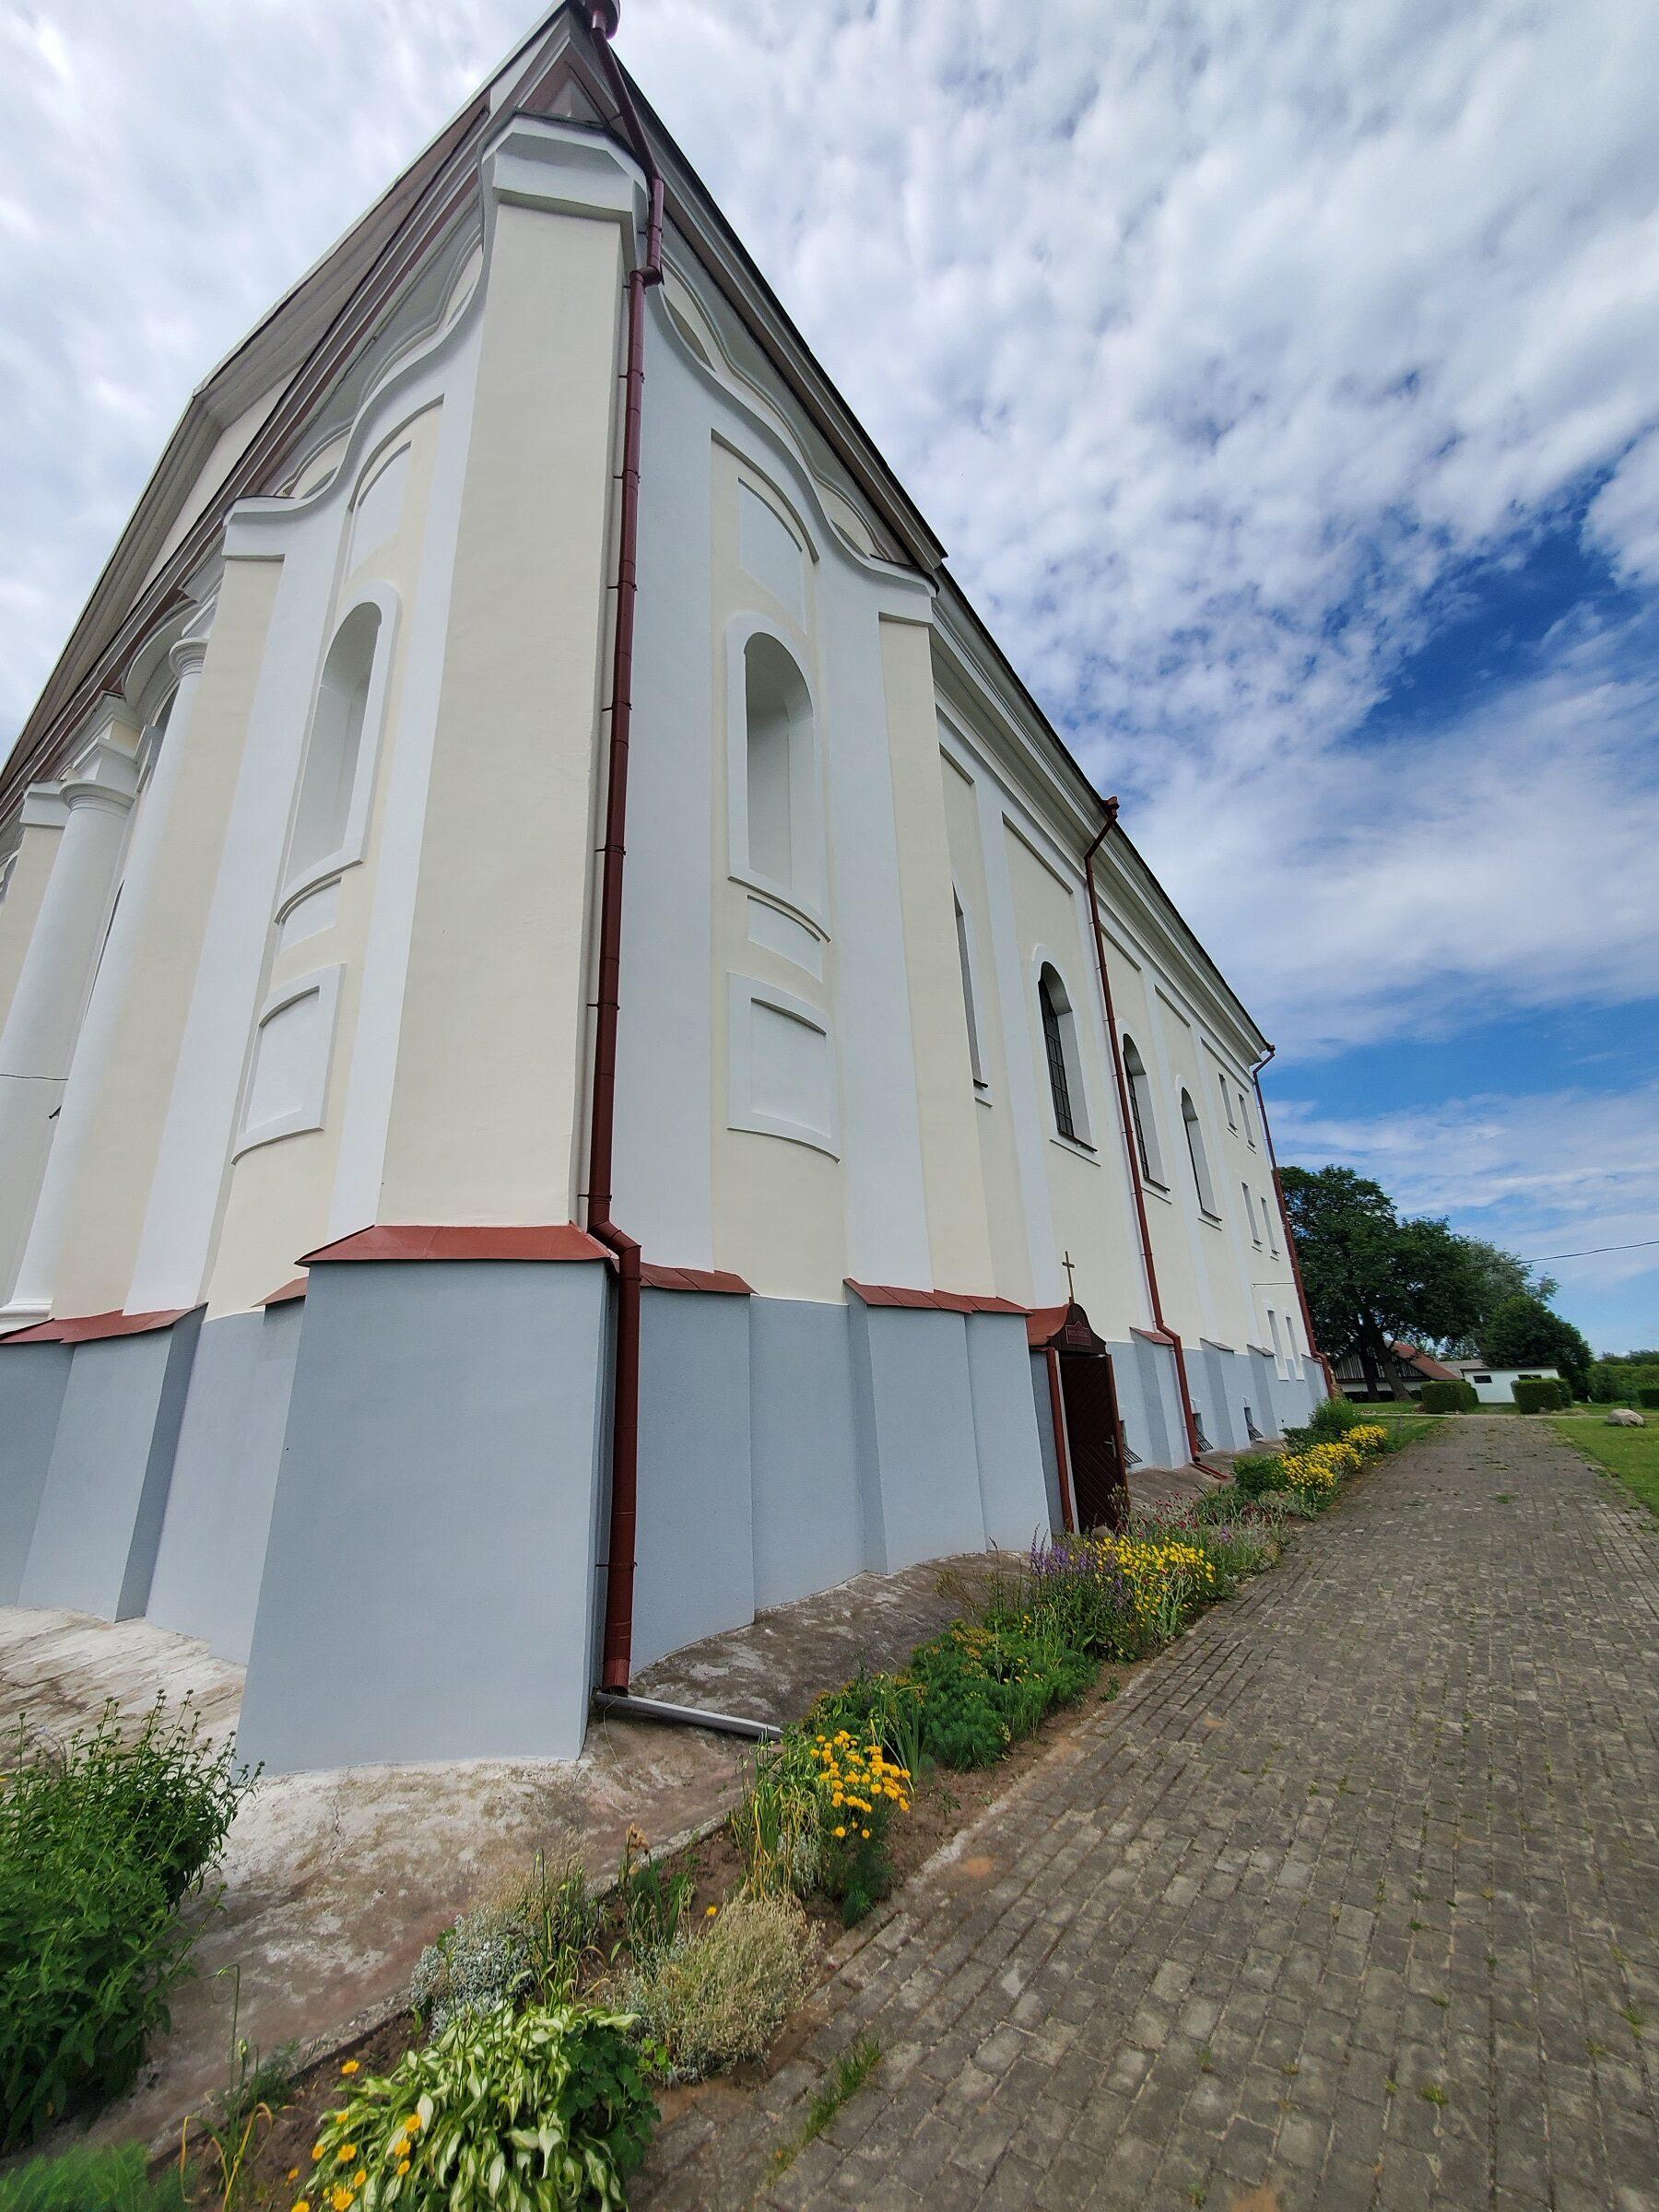 20200703 133532 rotated - Храм Непорочного Зачатия Девы Марии в Удело